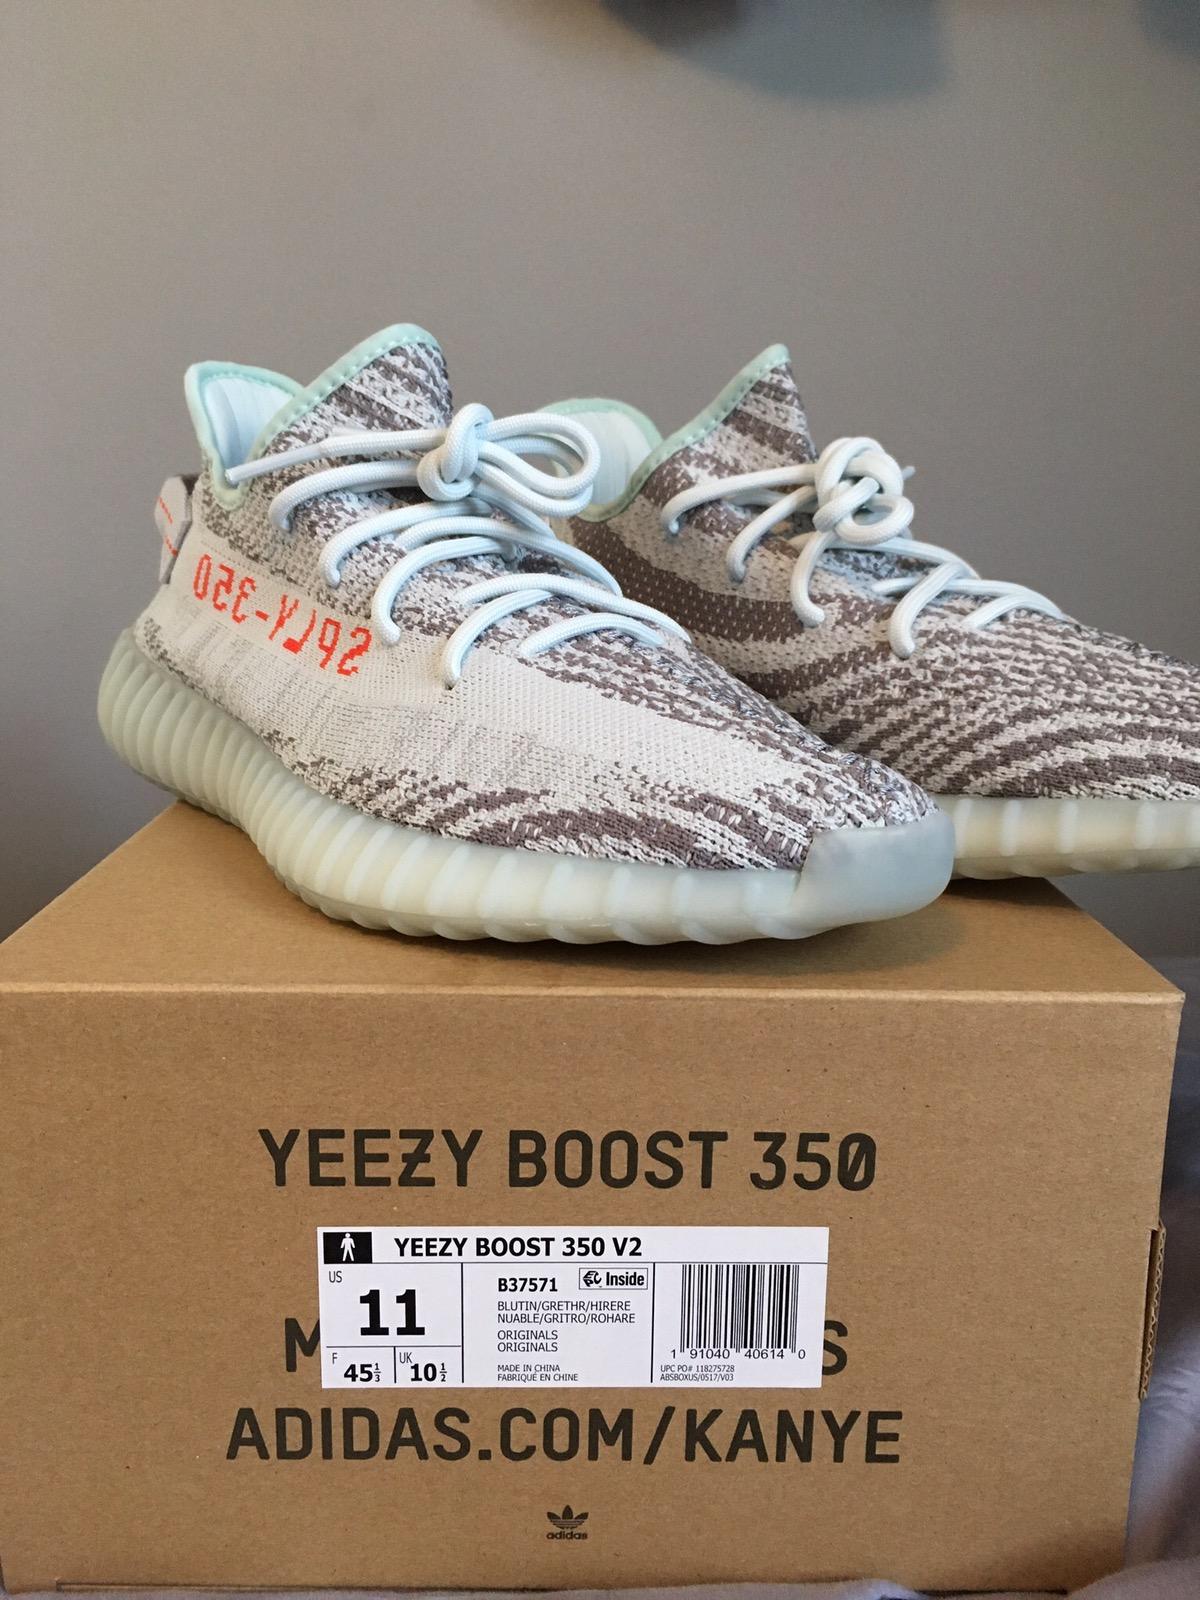 396292000 Adidas Kanye West Adidas Yeezy Boost 350 V2 Blue Tint Size 11